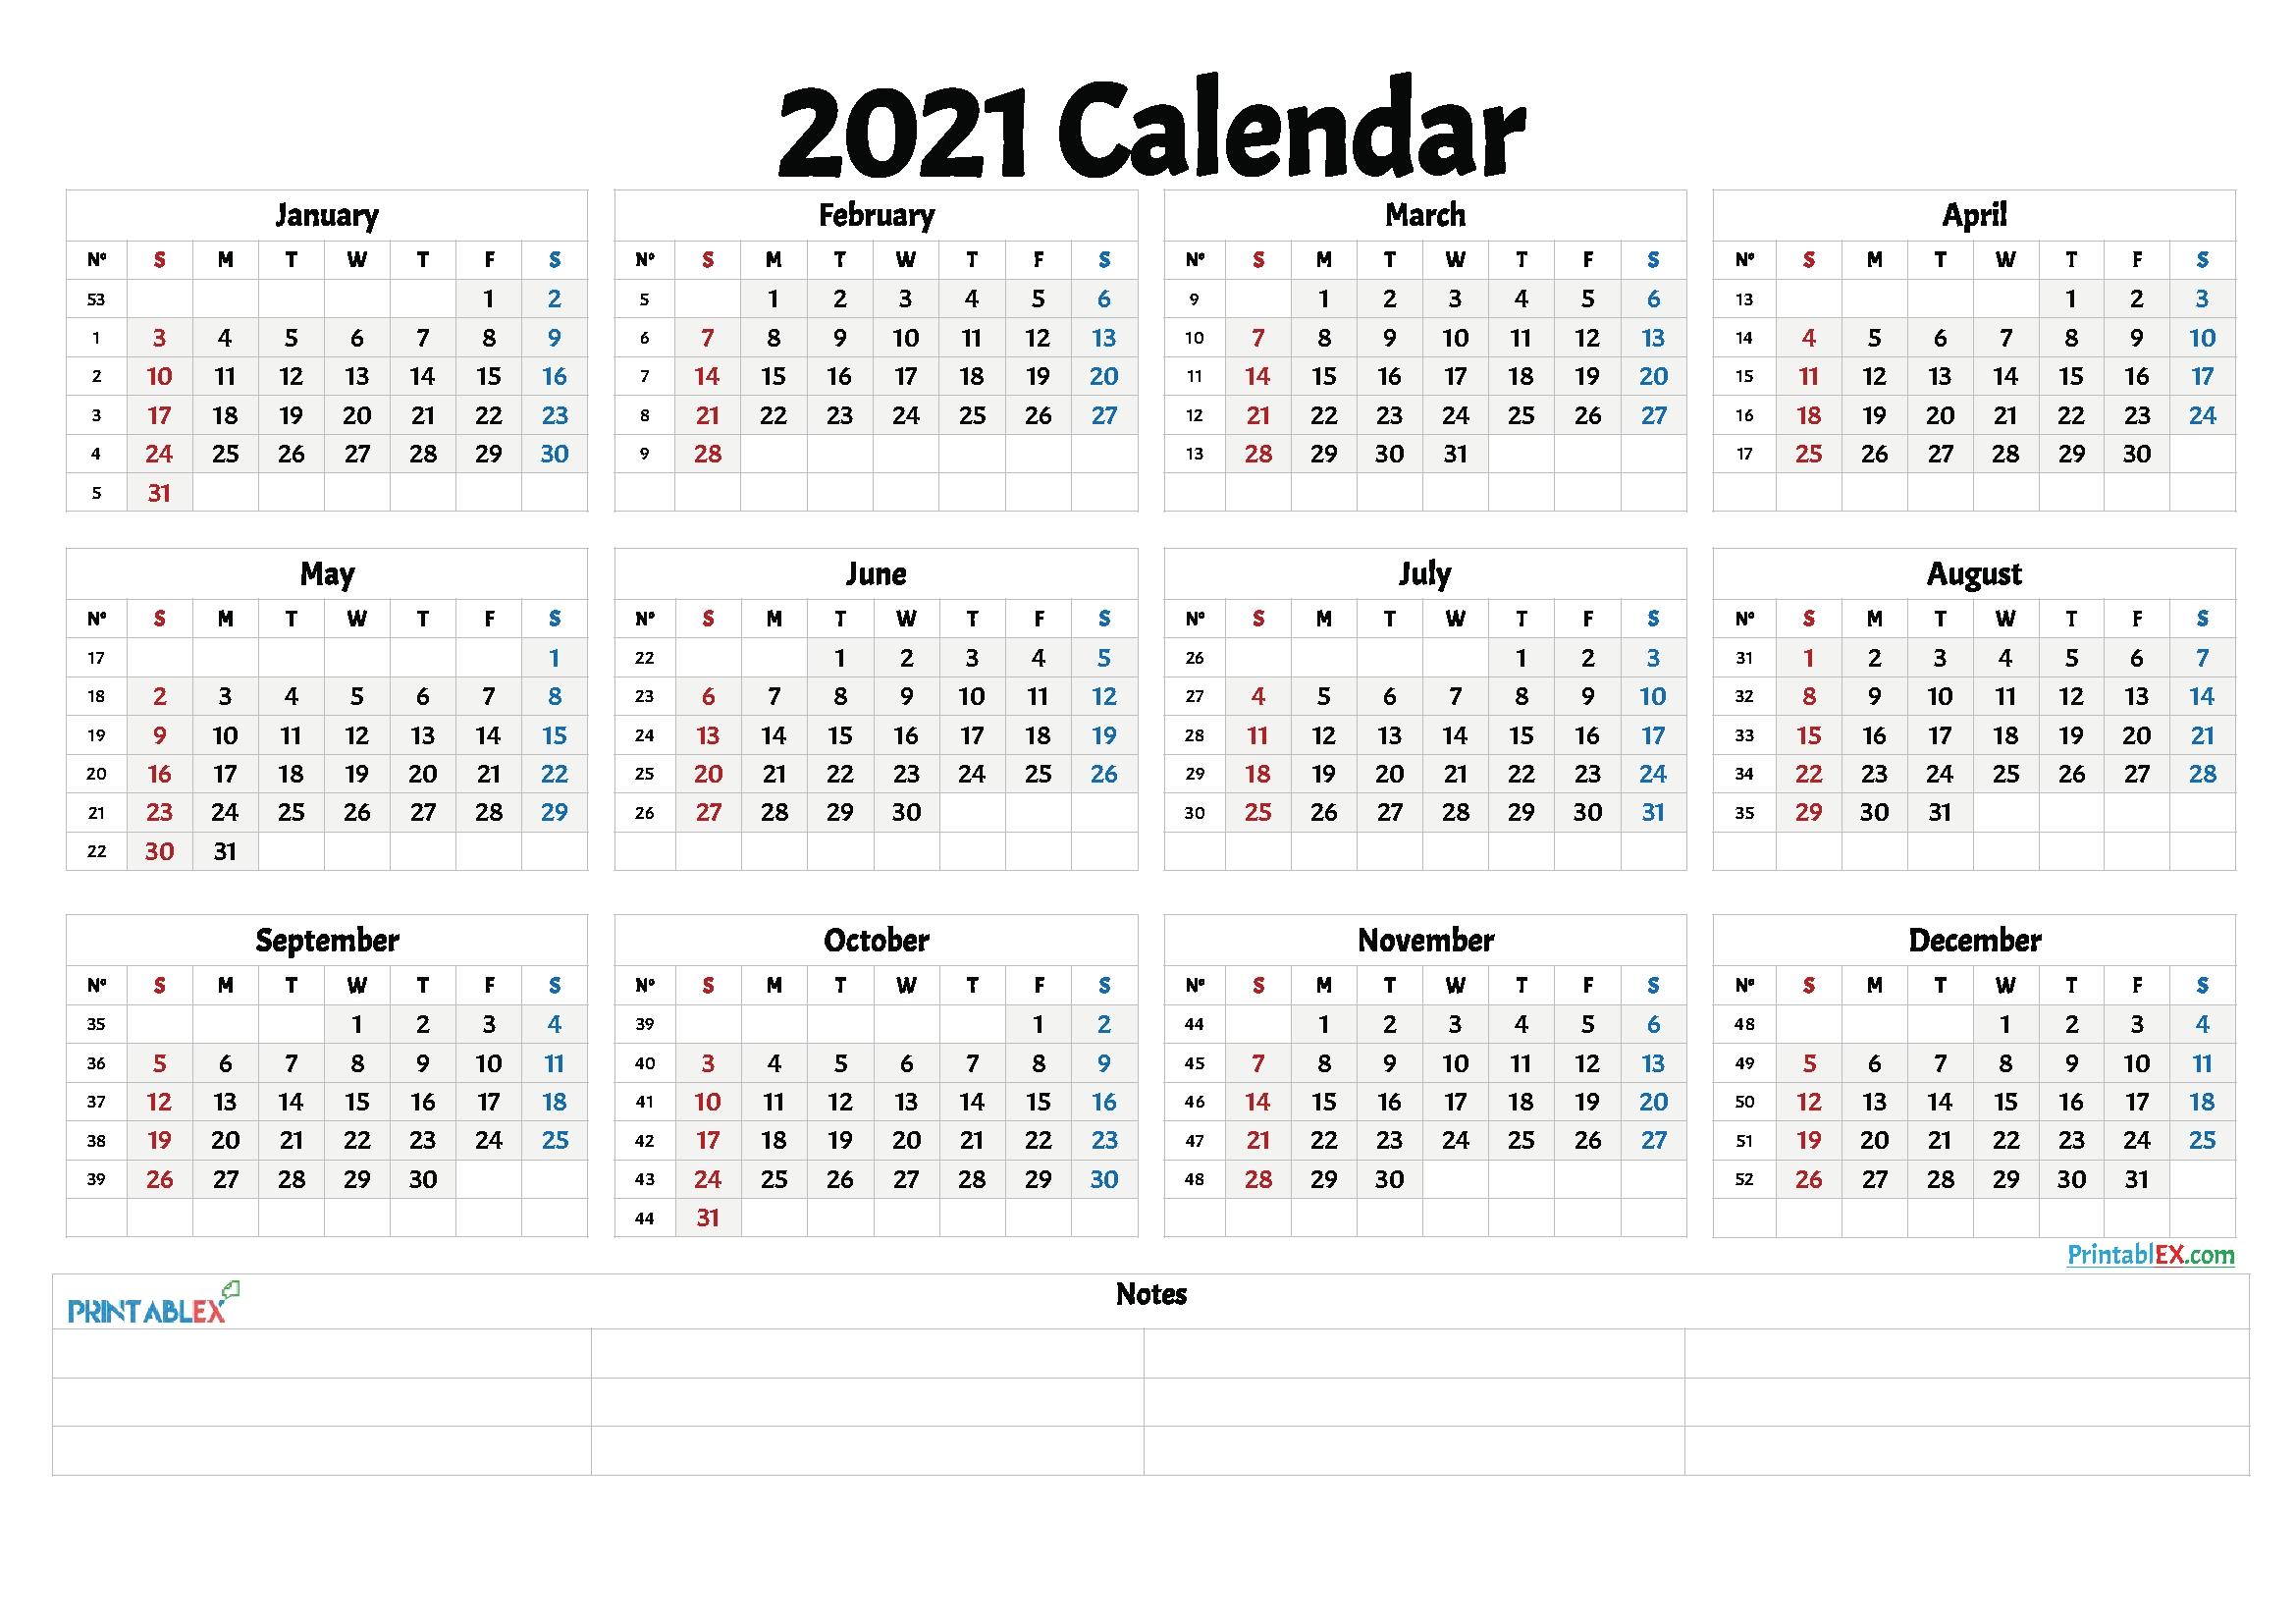 Free Printable 2021 Yearly Calendar With Week Numbers  Calendar 2021 2021 2021 Printable Free